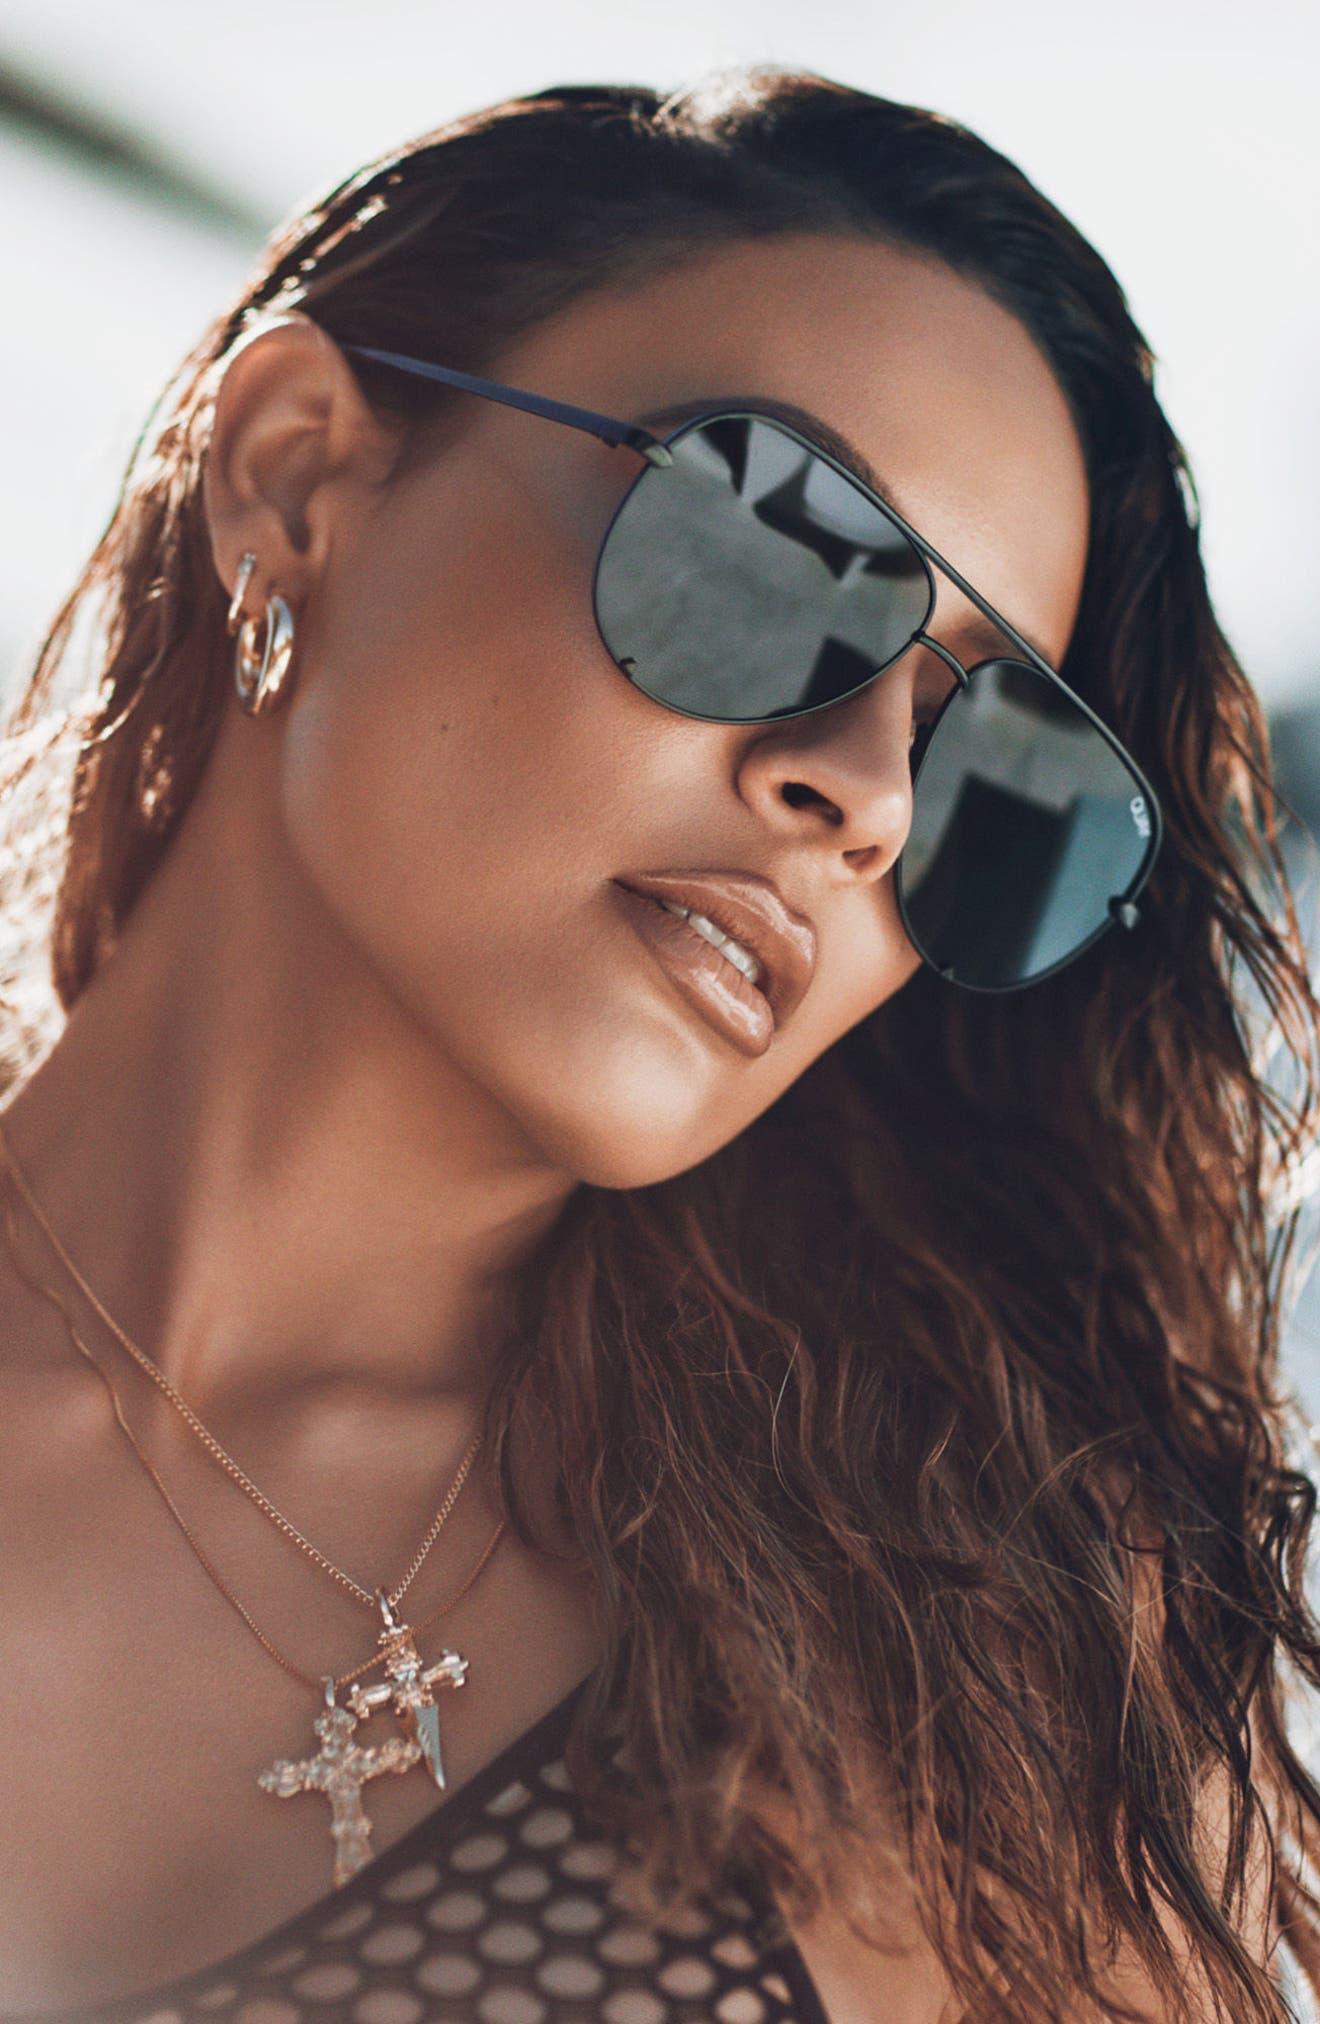 x Desi Perkins High Key Mini 57mm Aviator Sunglasses,                             Alternate thumbnail 7, color,                             Black/ Smoke